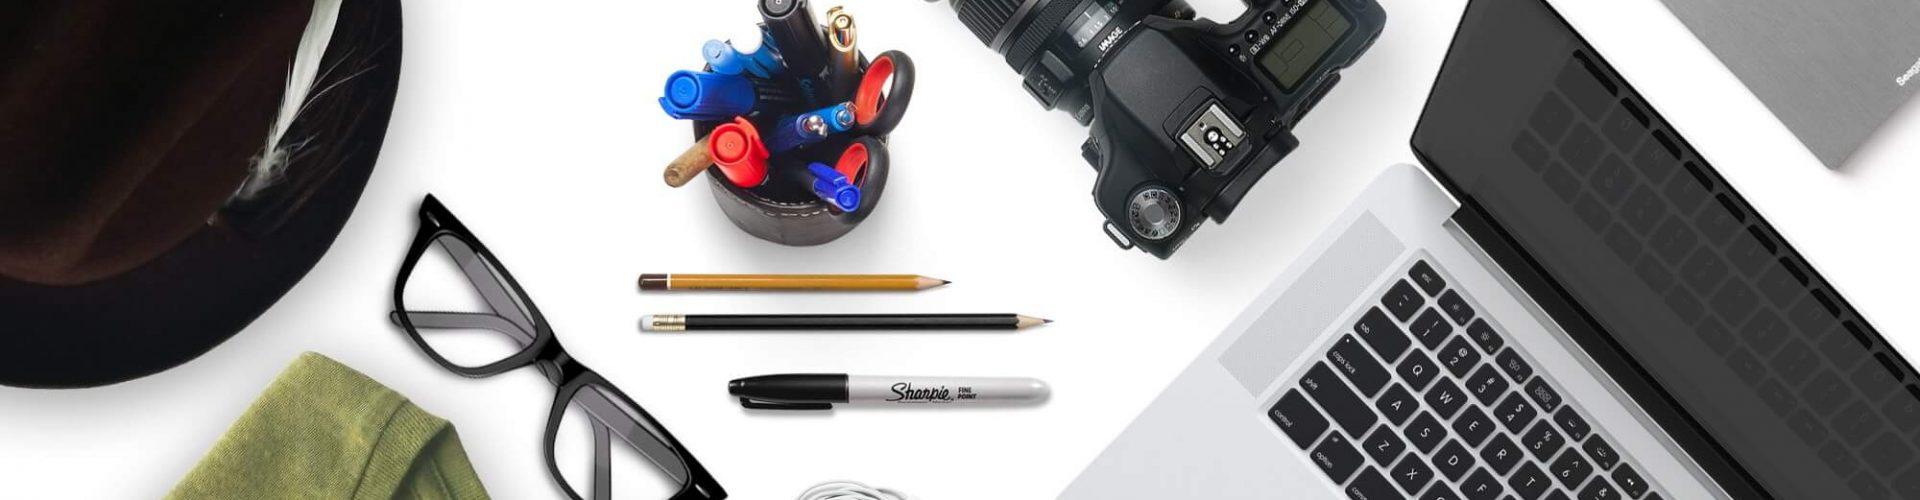 accessoires pour tablette clavier pour tablette accessoire tablette quel clavier pour tablette tablette tactile tablette pour video accessoire tablette